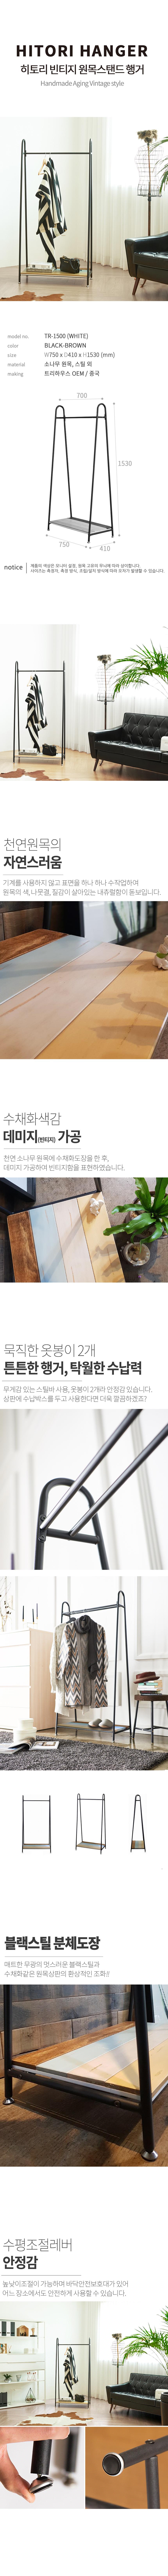 히토리 빈티지 원목스탠드행거 - 트리하우스, 62,000원, 붙박이장/장롱, 행거형 옷장